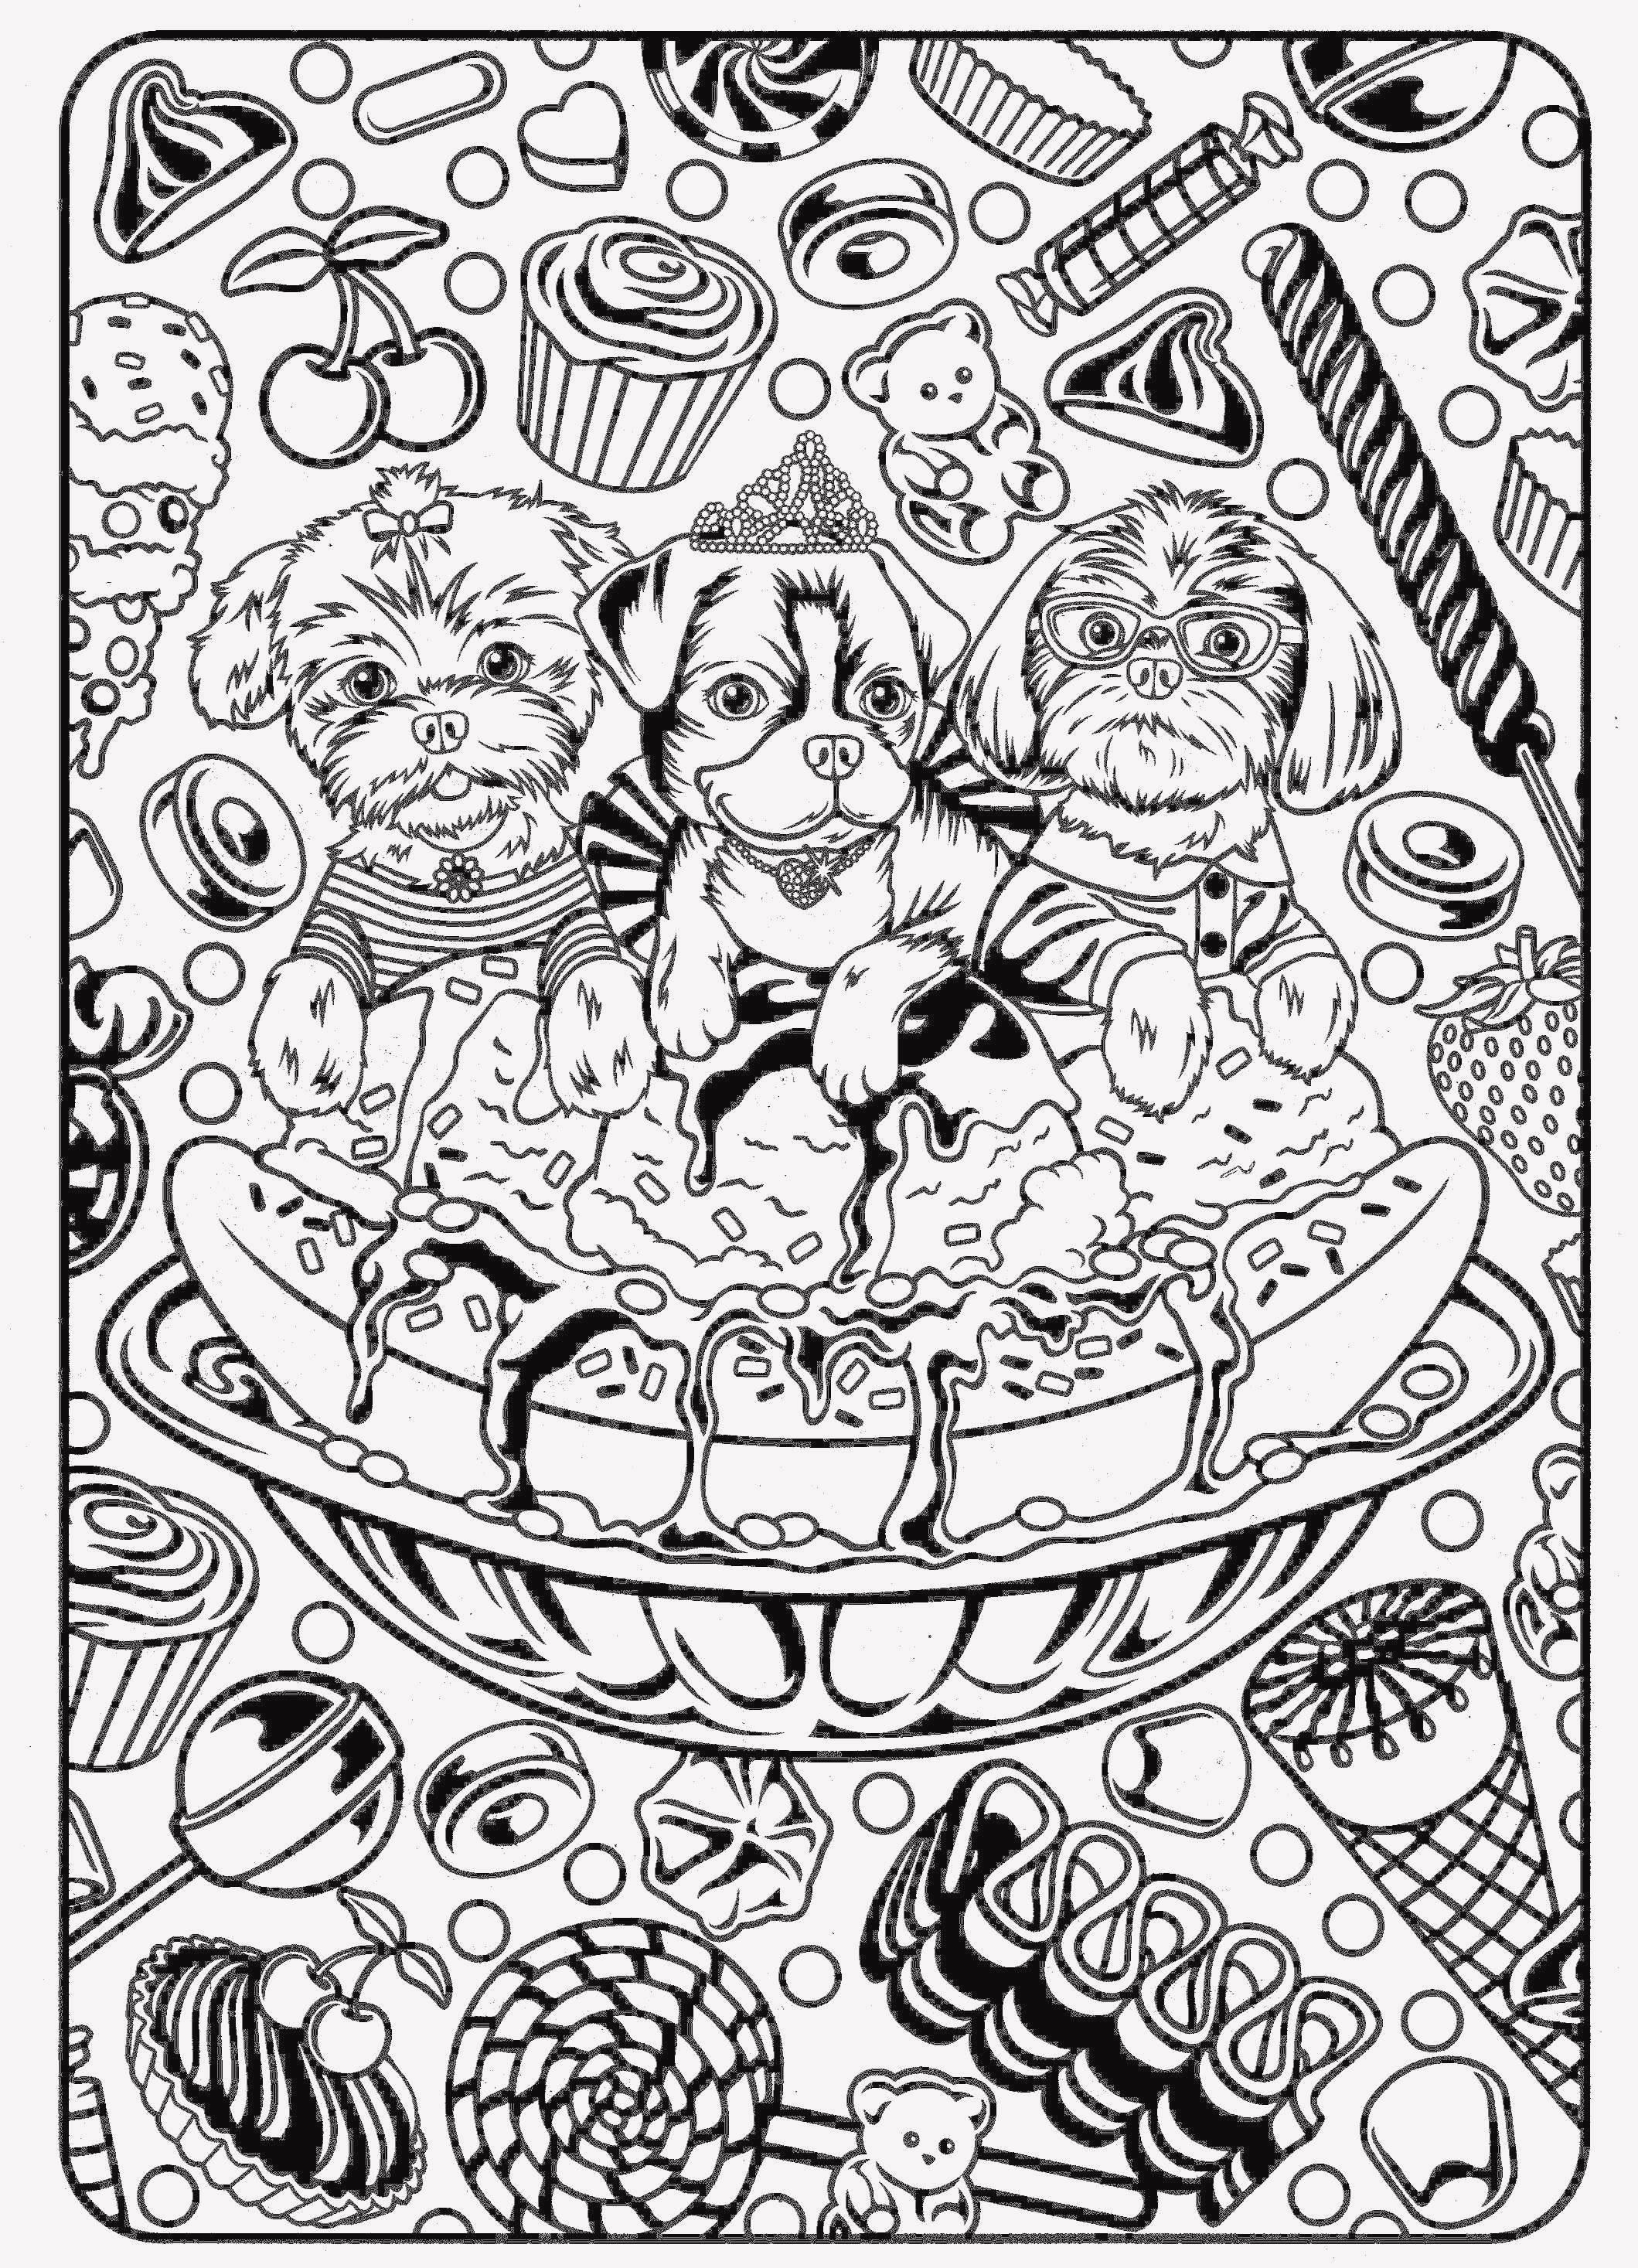 Ausmalbilder Monster High Frankie Stein Inspirierend 25 Liebenswert Ausmalbilder Monster High Bild